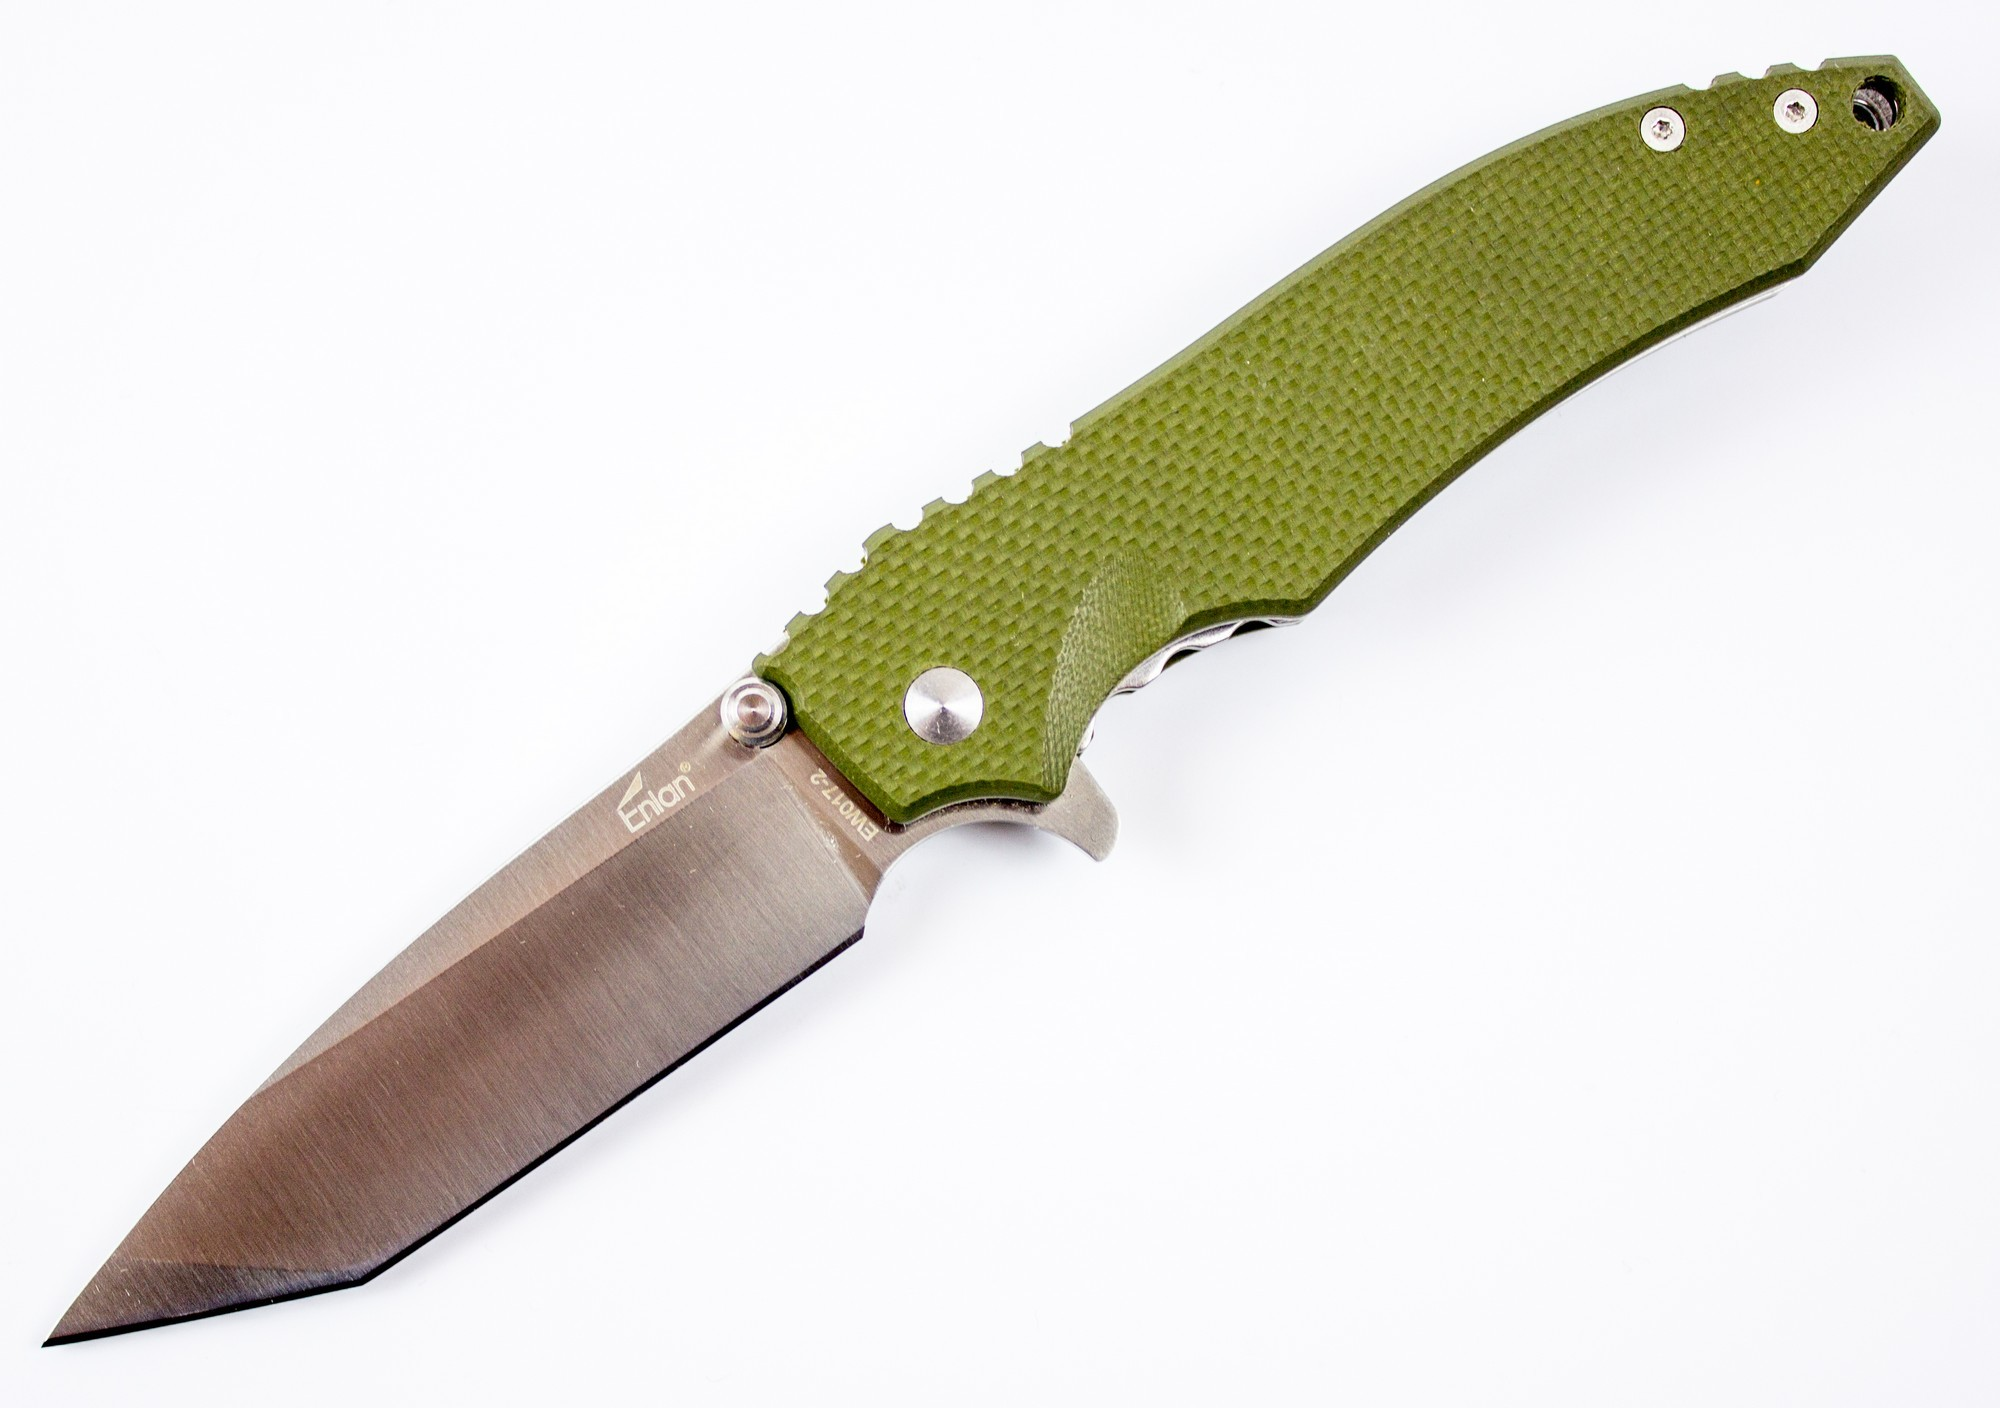 Фото 2 - Складной нож ENLAN EW от Steelclaw